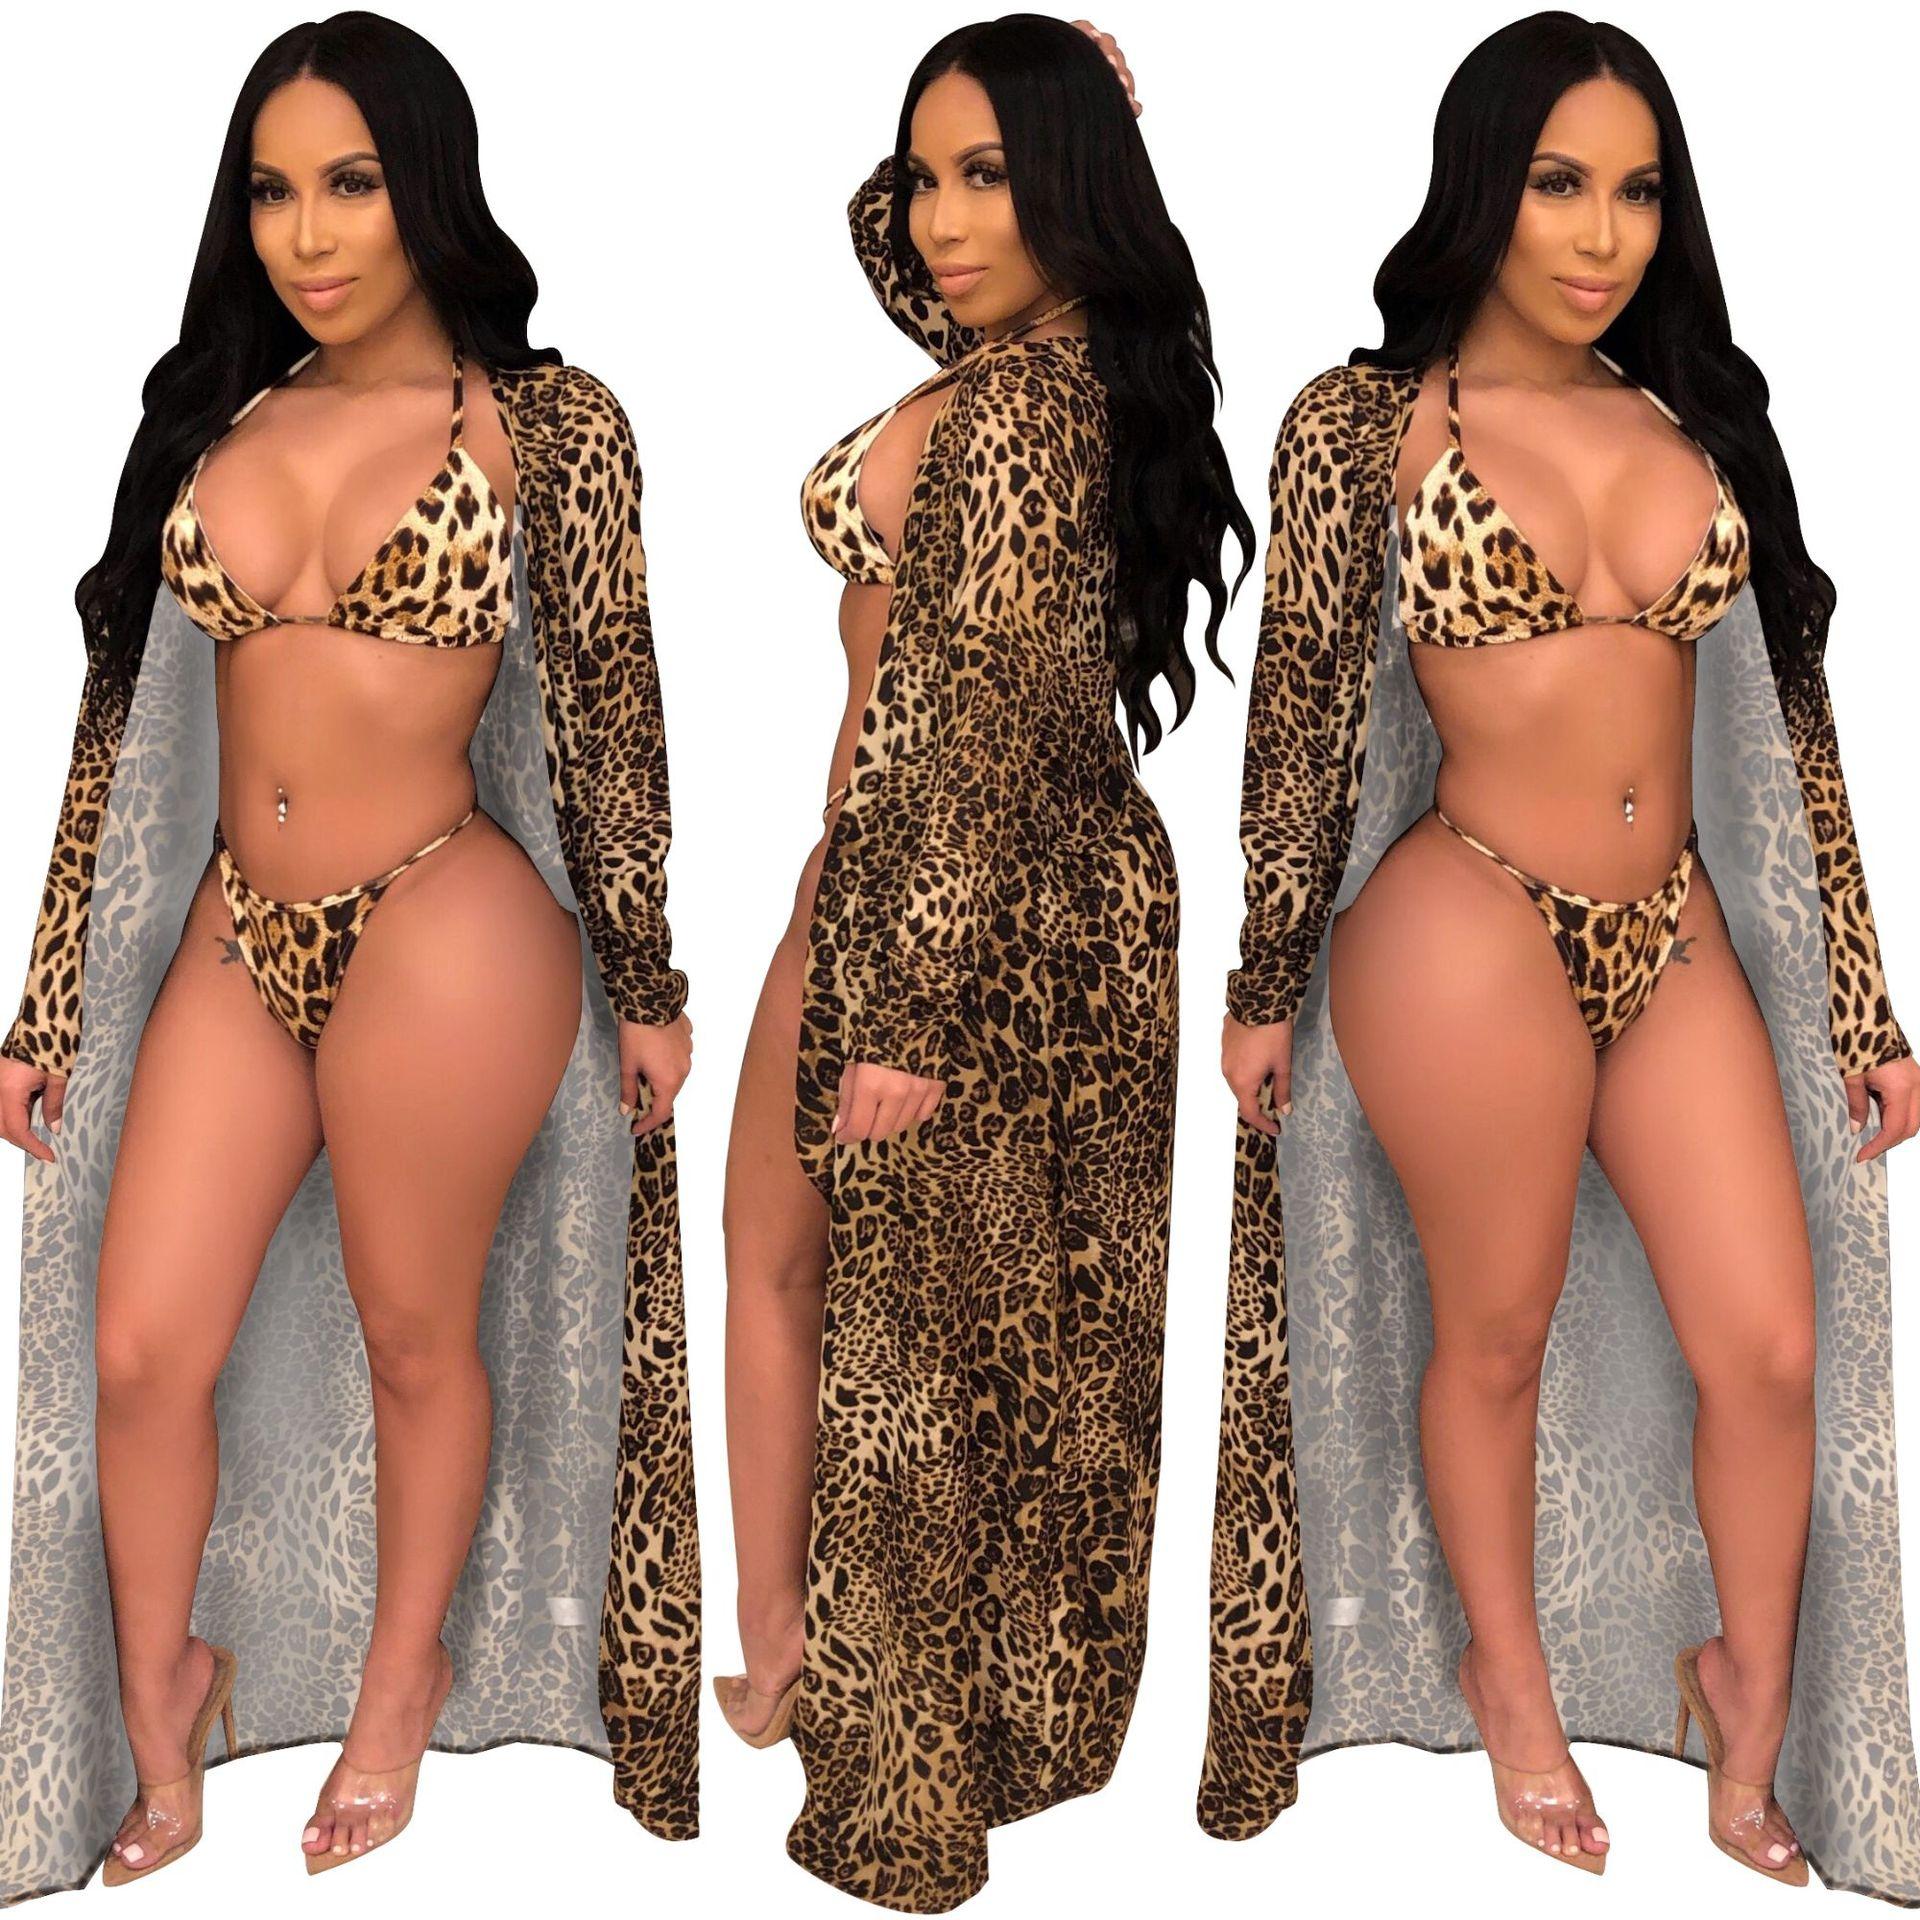 Femmes été plage costumes licou soutien-gorge haut + Shorts + Long Cardigan ouvert avant imprimé léopard deux pièces robes tenues de plage